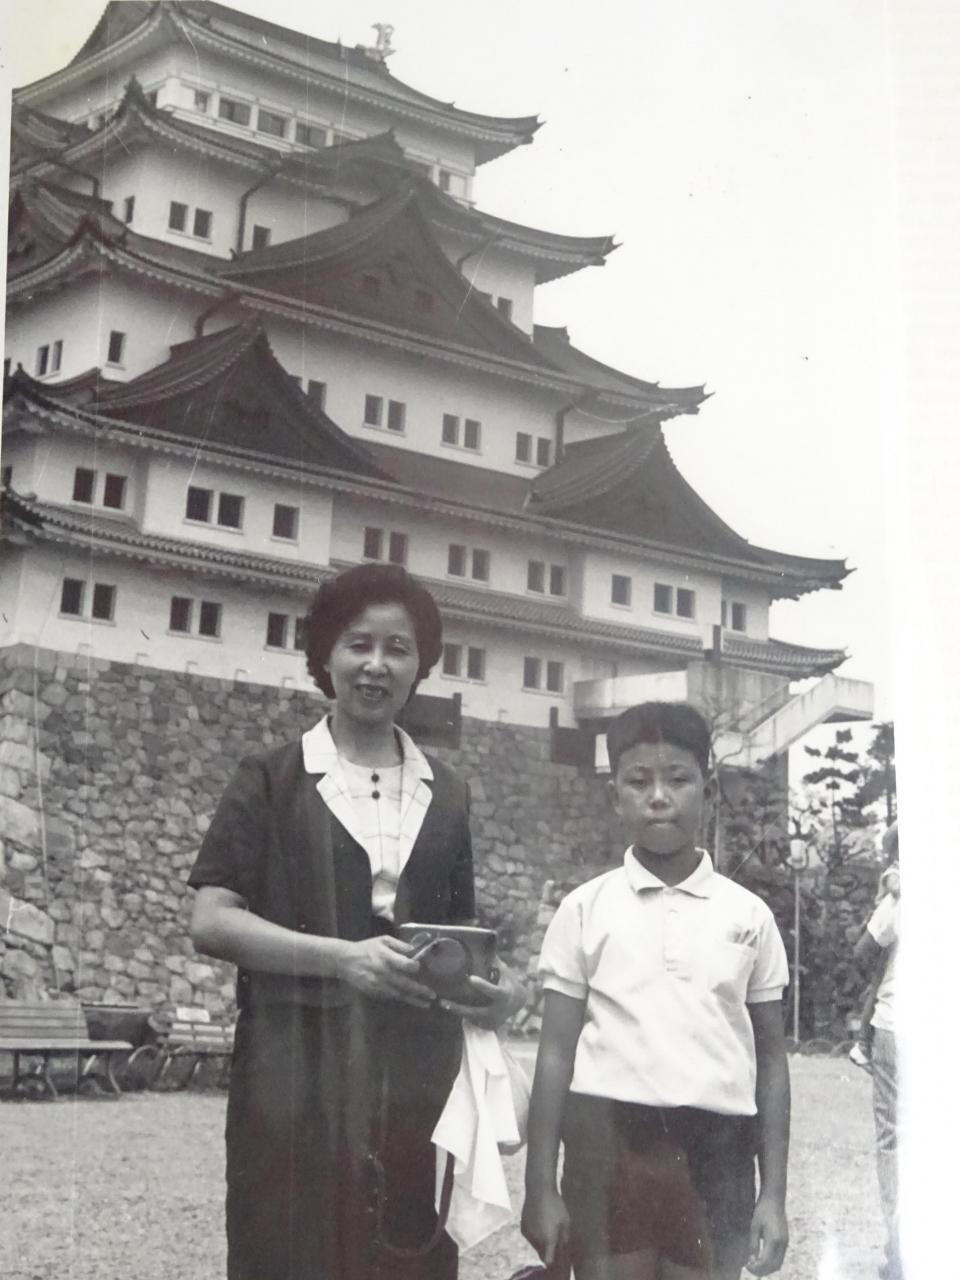 1965年 昭和40年 8月家族 小学生5年 で愛知 名古屋 犬山 三重 伊勢